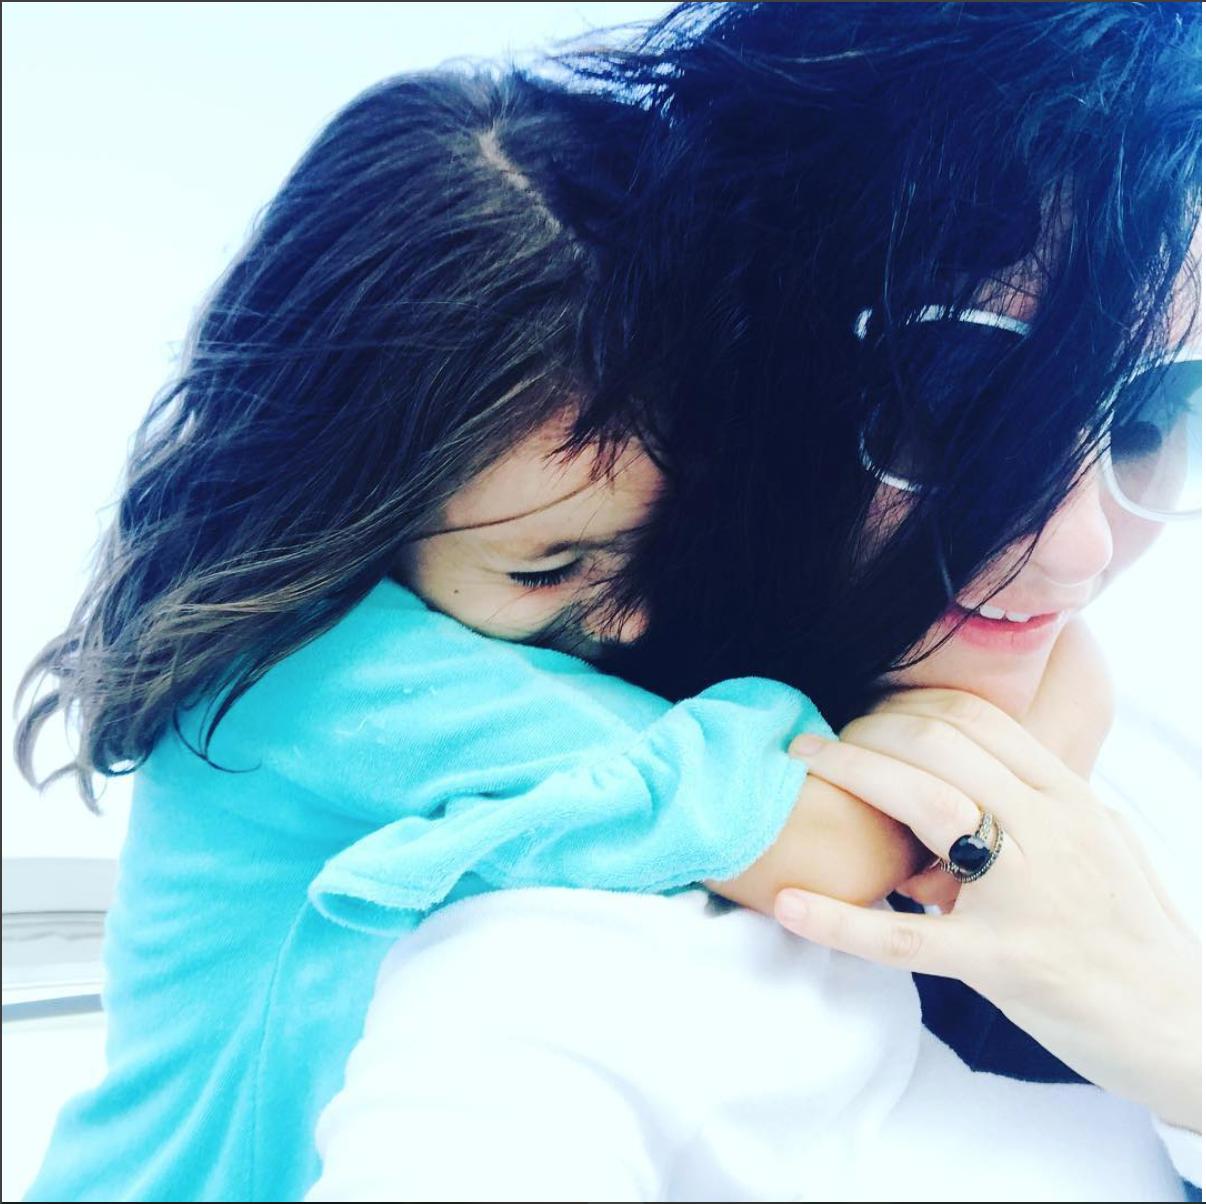 Laura Pausi y su hija. Imagen: Instagram @laurapausini